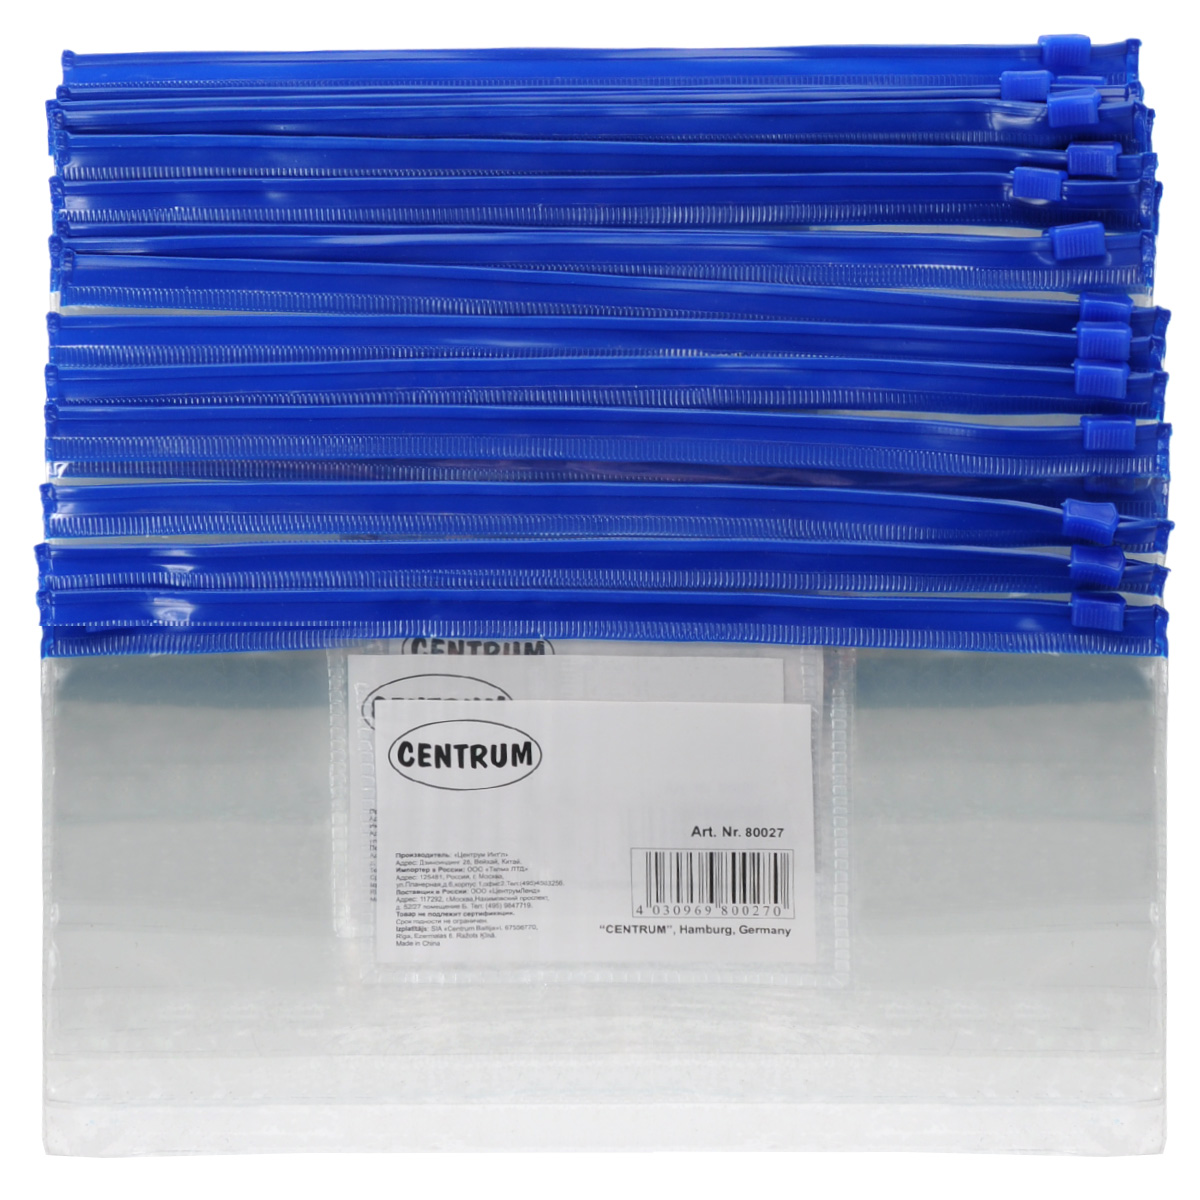 Папка-конверт на молнии Centrum, прозрачная, цвет: синий. Евроформат, 20 шт80027сини/прозрачнКомпактная папка-конверт Centrum - это удобный и практичный офисный инструмент, предназначенный для хранения и транспортировки рабочих бумаг и документов формата евро. Папка изготовлена из прозрачного пластика, закрывается на практичную застежку-молнию, имеет опрятный и неброский вид. В комплект входят 20 папок формата евро. Папка-конверт - это незаменимый атрибут для студента, школьника, офисного работника. Такая папка надежно сохранит ваши документы и сбережет их от повреждений, пыли и влаги.Размер папки: 230 х 120 мм.